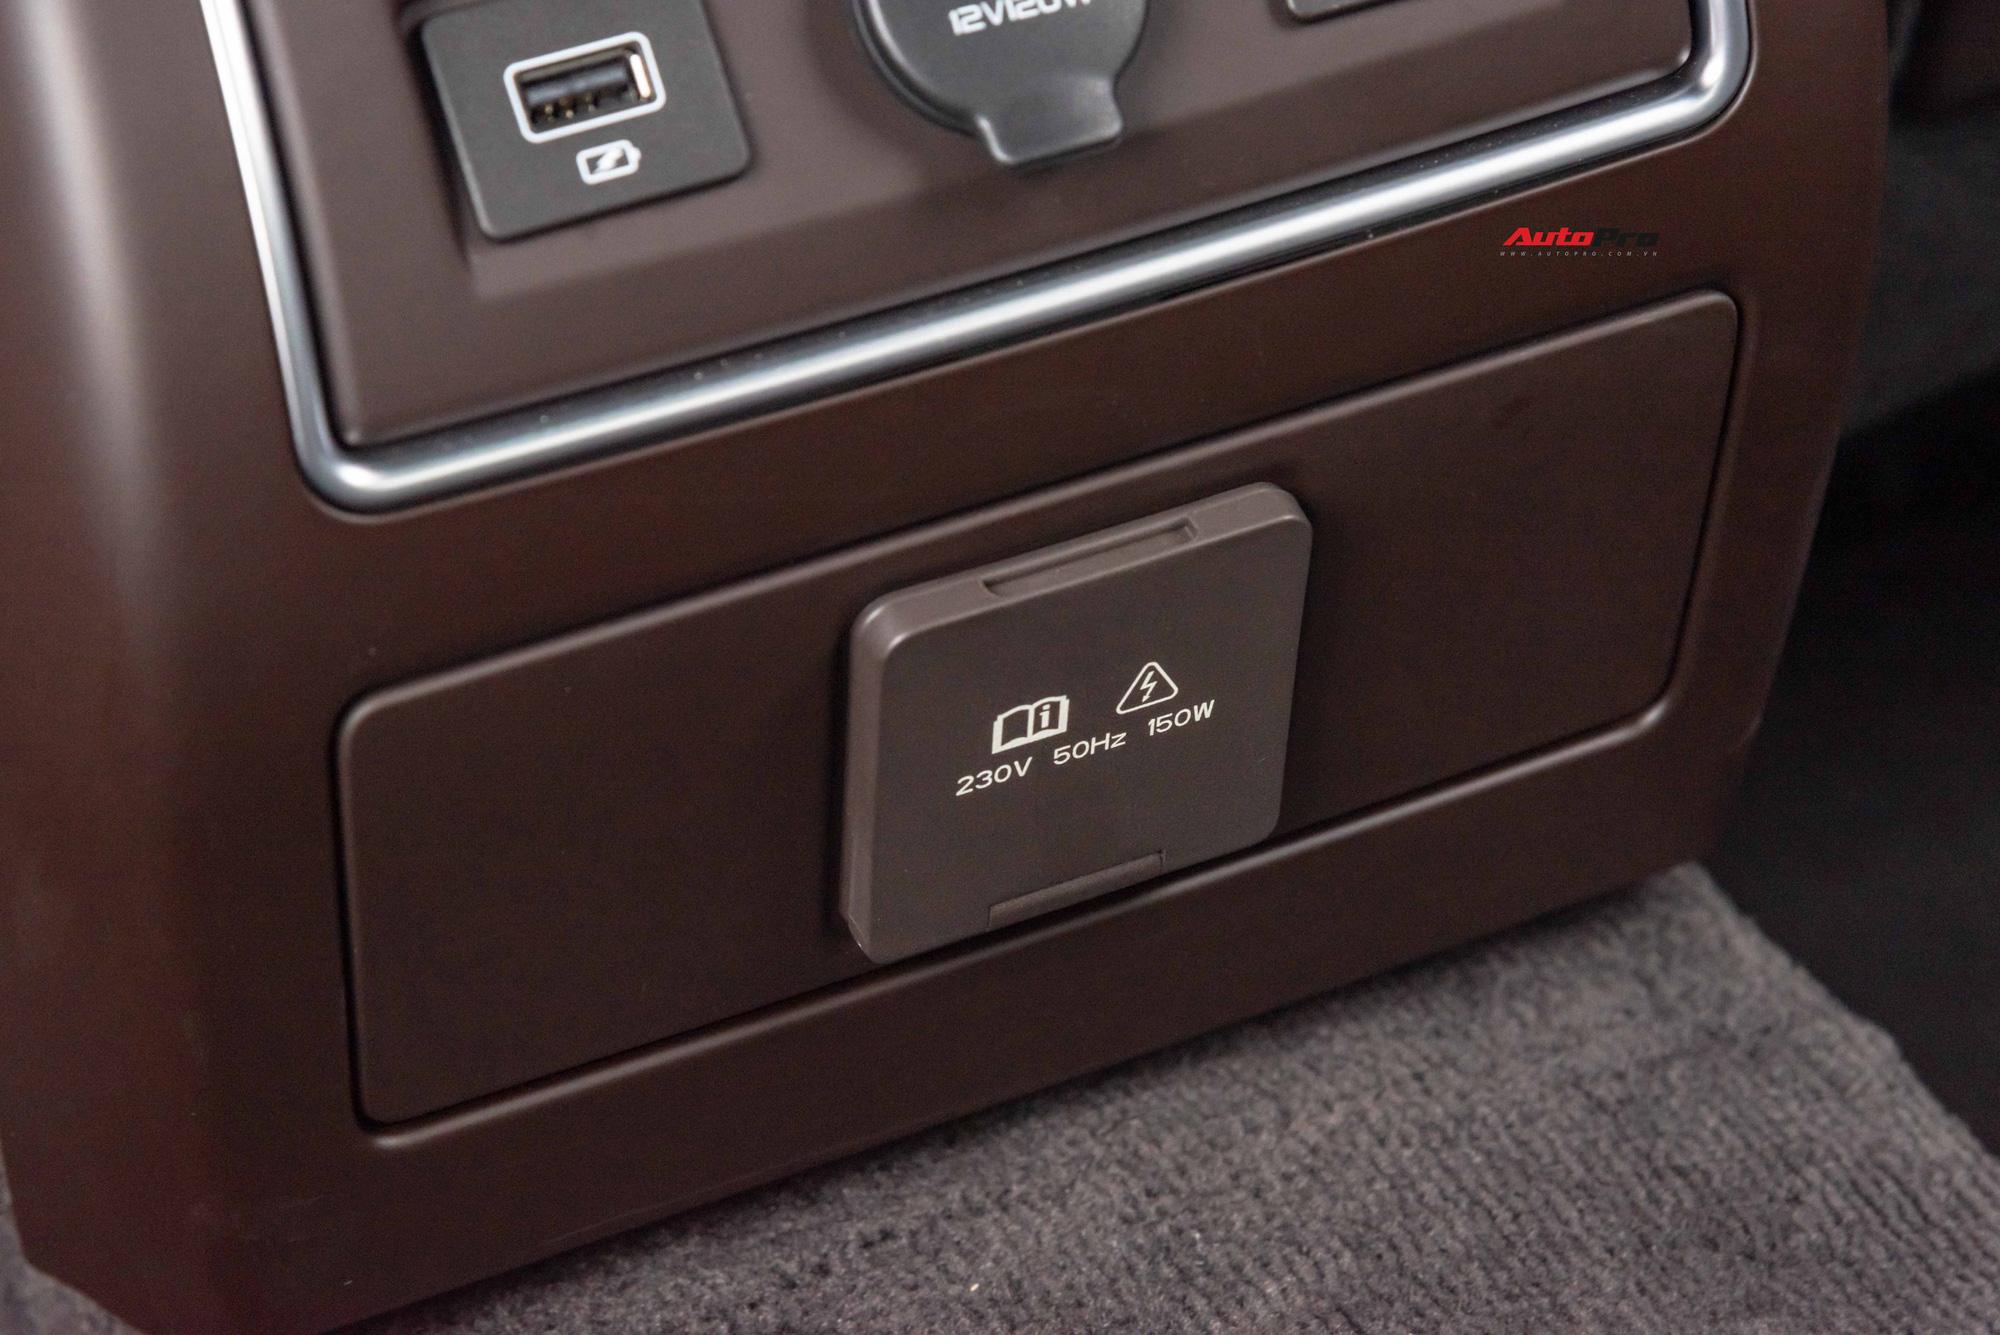 Ngoài cổng USB, ổ cắm 12V, Lux A2.0 còn có ổ điện xoay chiều 230V - 150W, tiện lợi khi cắm máy tính xách tay.